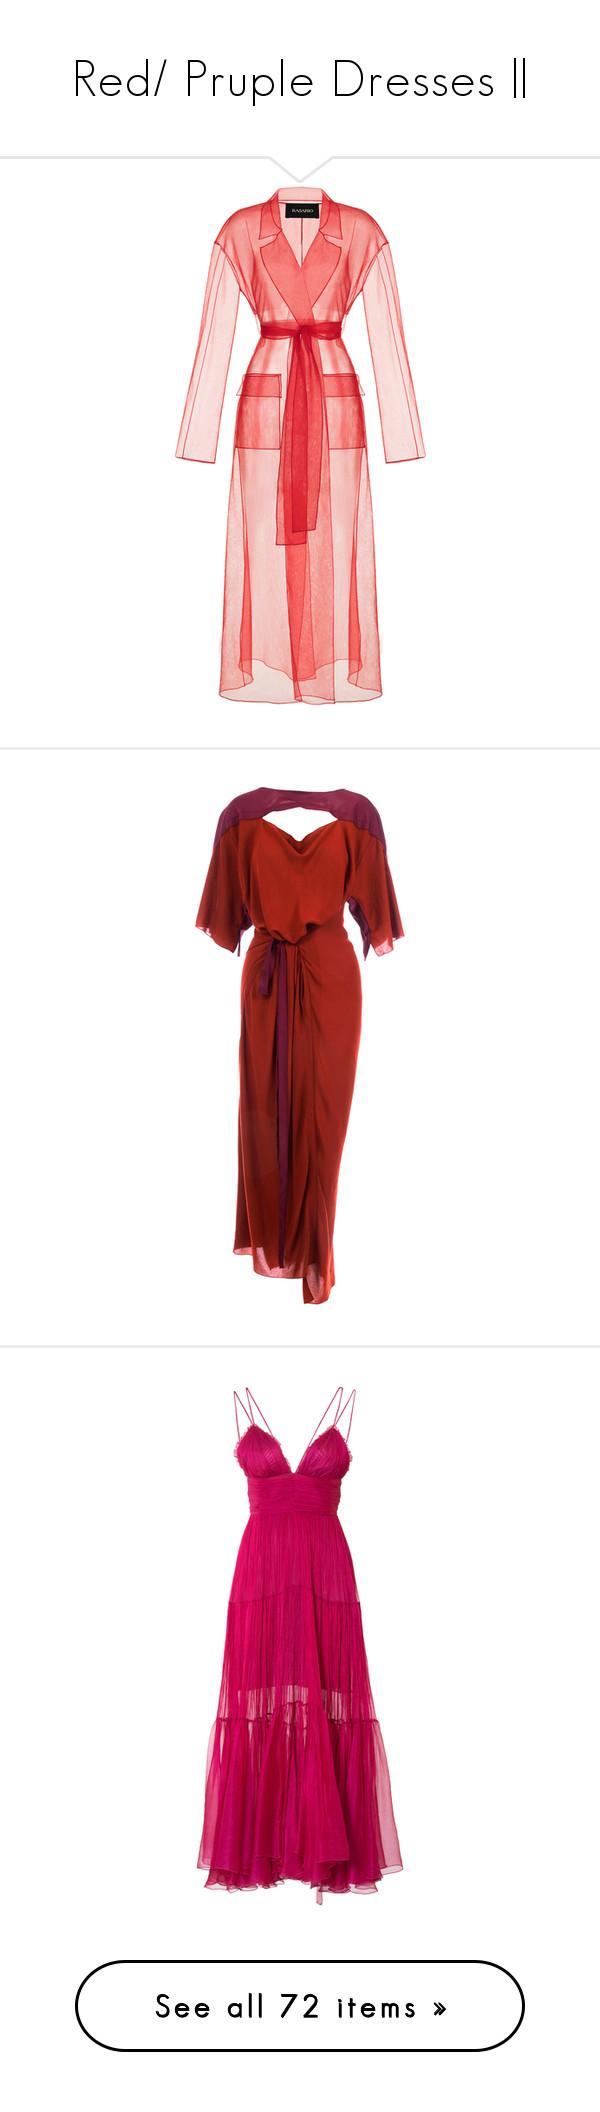 Red pruple dresses